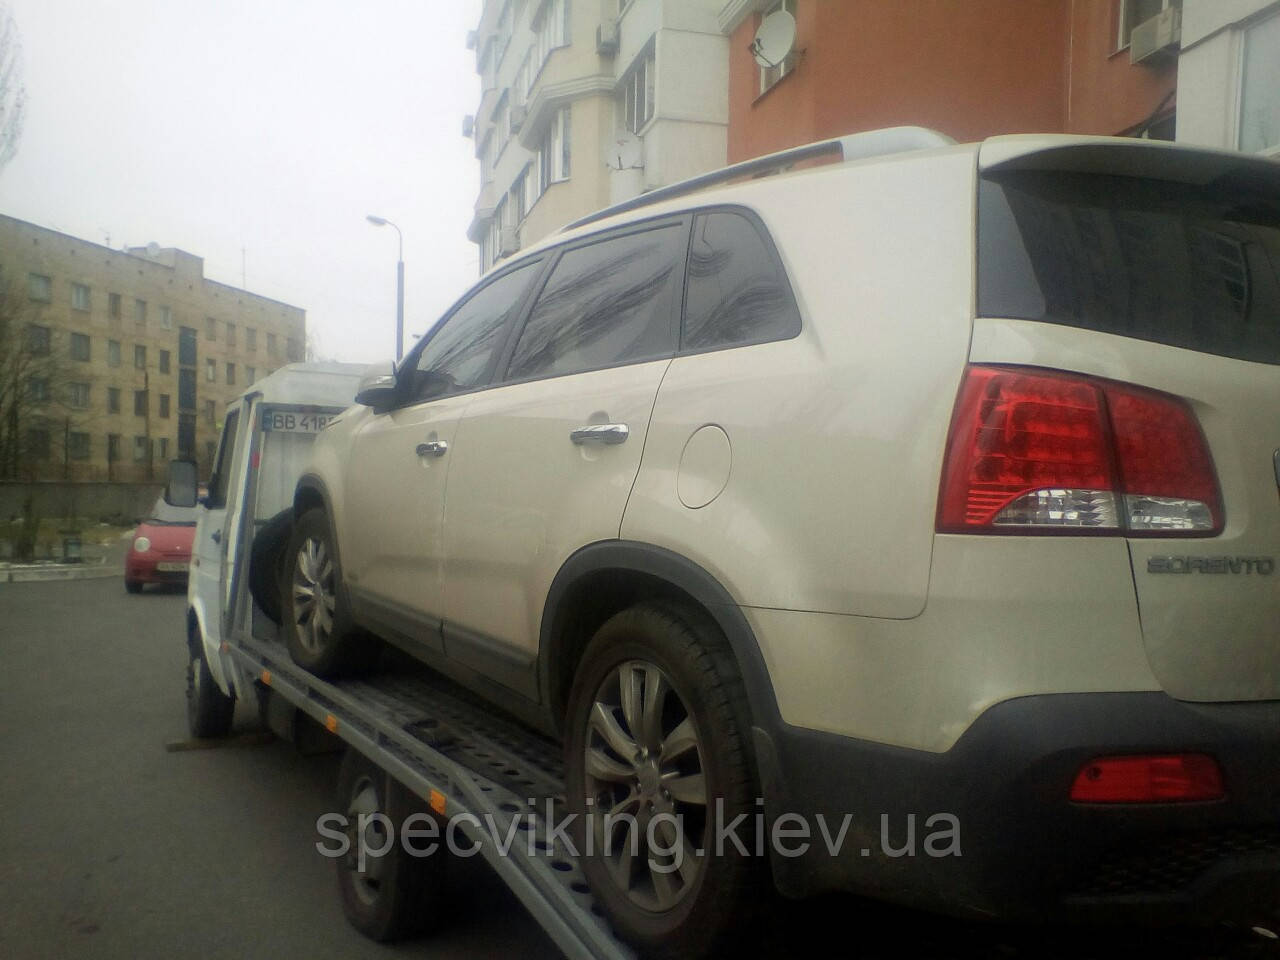 Эвакуатор Киев Шулявка